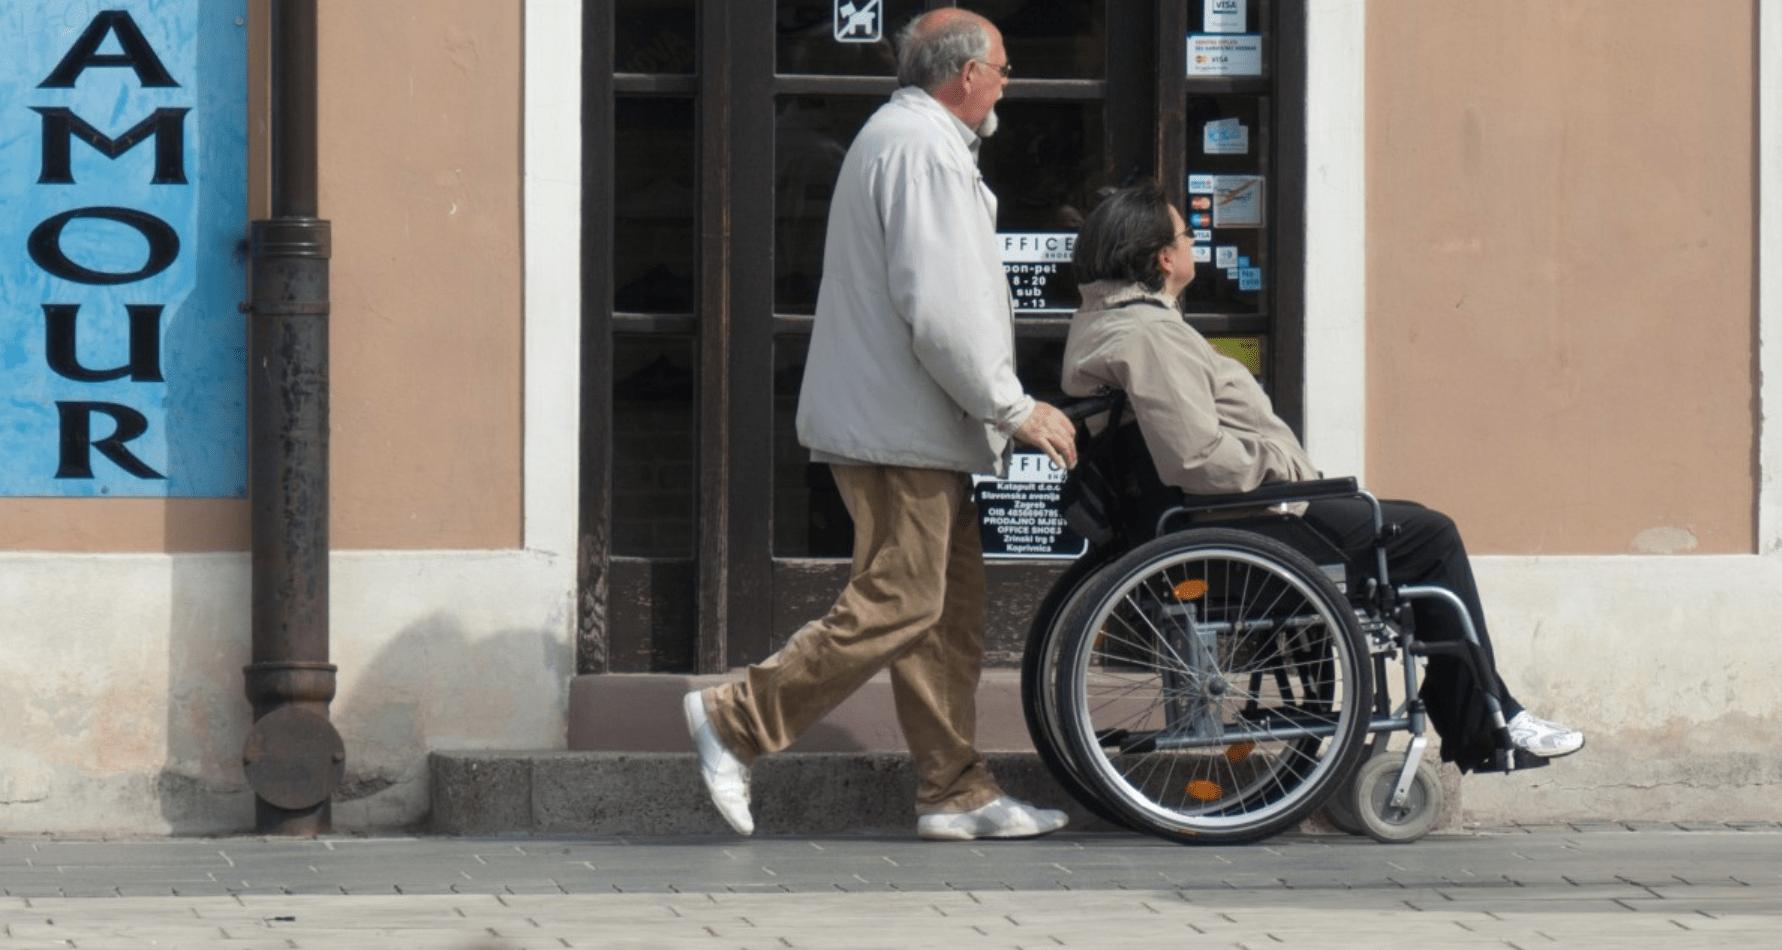 Persoon duwt een andere persoon in een rolstoel.